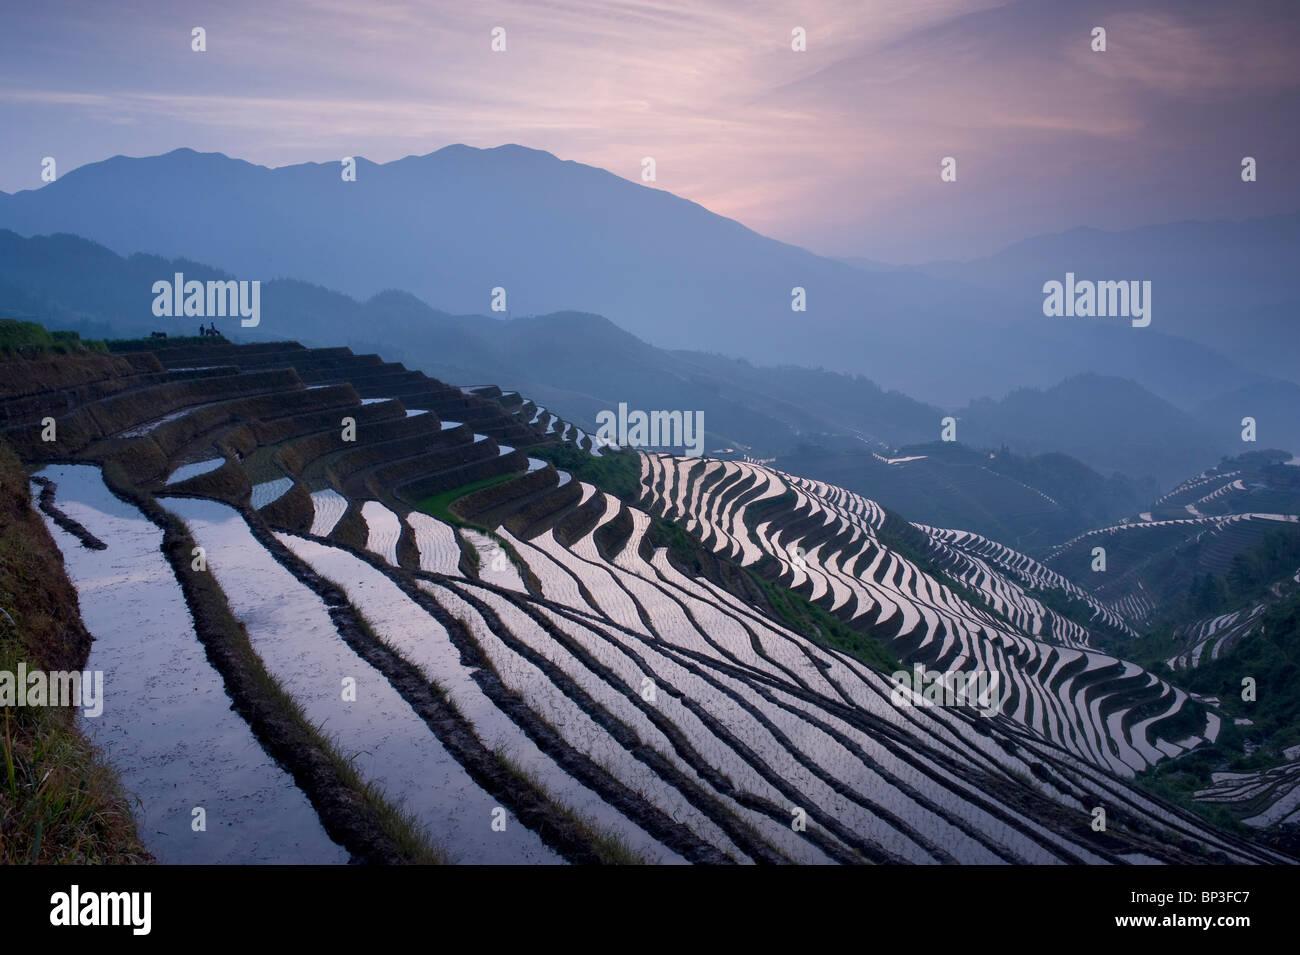 Tramonto a Dragon's Backbone terrazze di riso vicino Yao villaggio di Dazhai, provincia di Guangxi Cina, Foto Stock